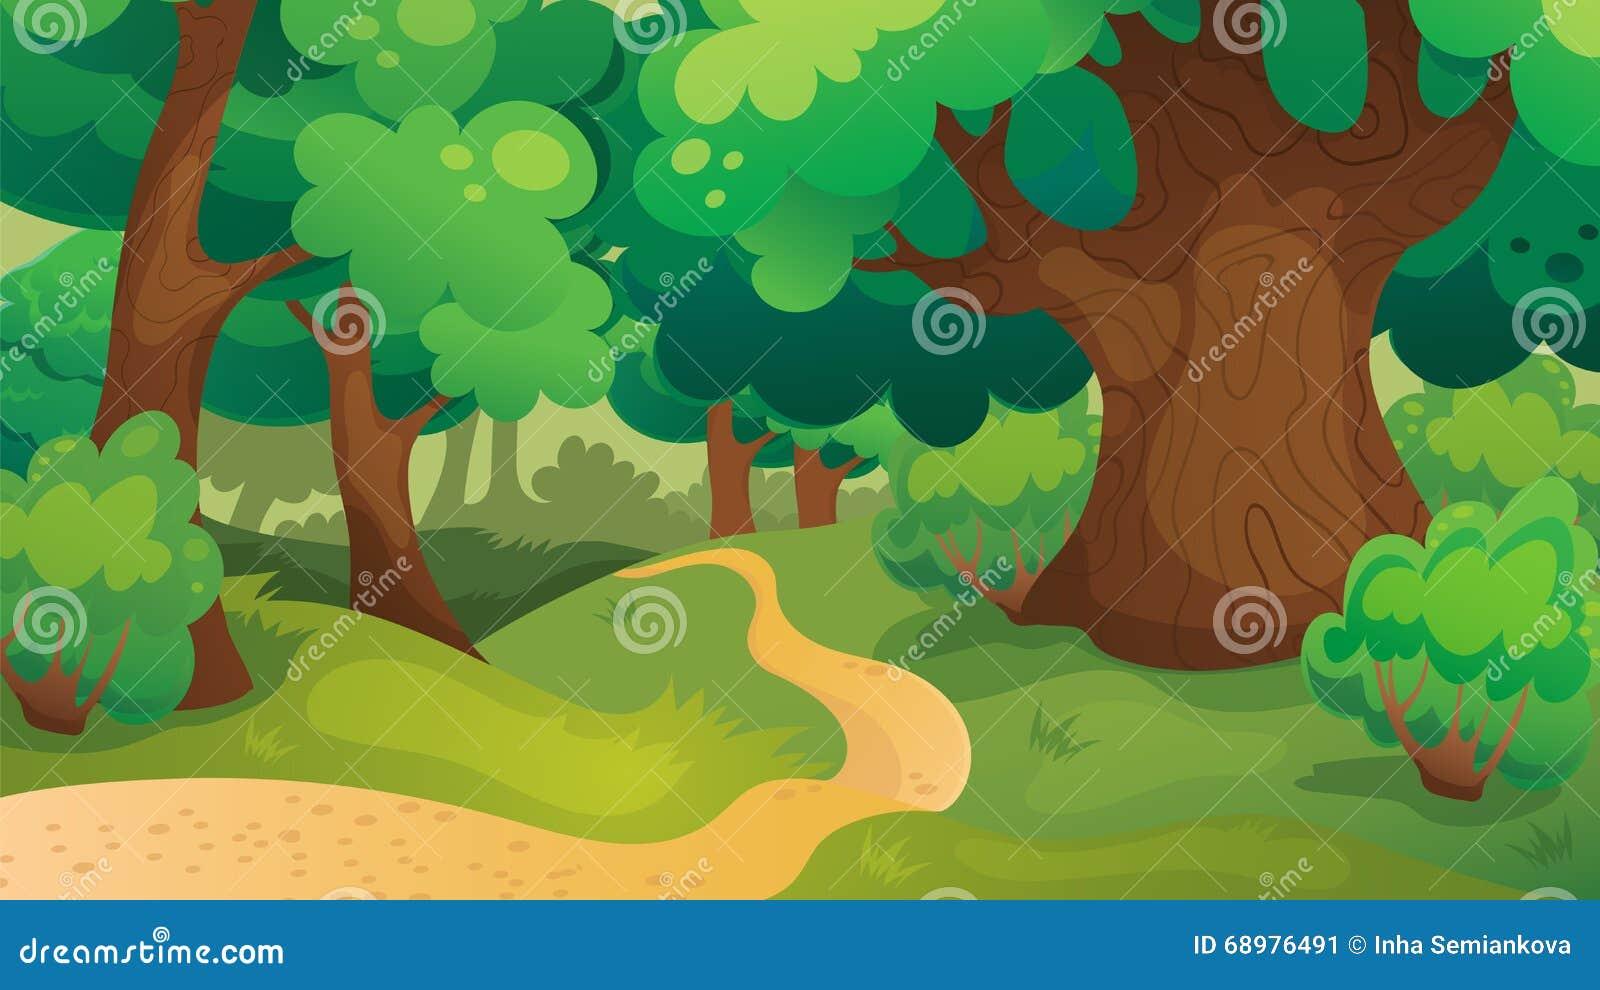 Eiche Forest Game Background